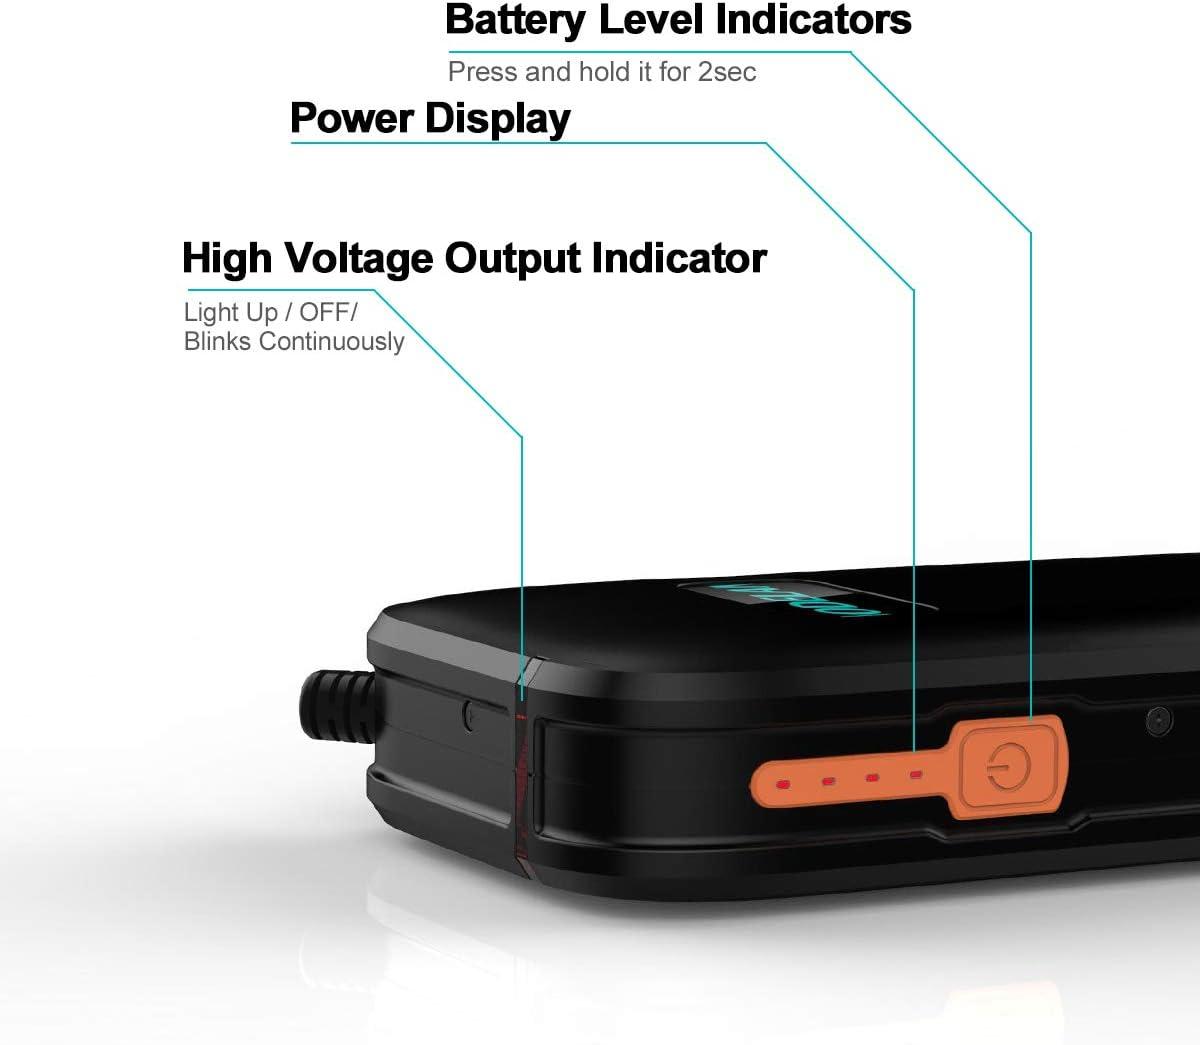 AODELAN External Flash Battery Pack Speedlite Battery Power Bank for Canon 600EX 600EX II-RT 600EX-RT 580EXII 580EX CP-E4N Replaces Canon CP-E4 550EX,MR-14EX,MR -24EX